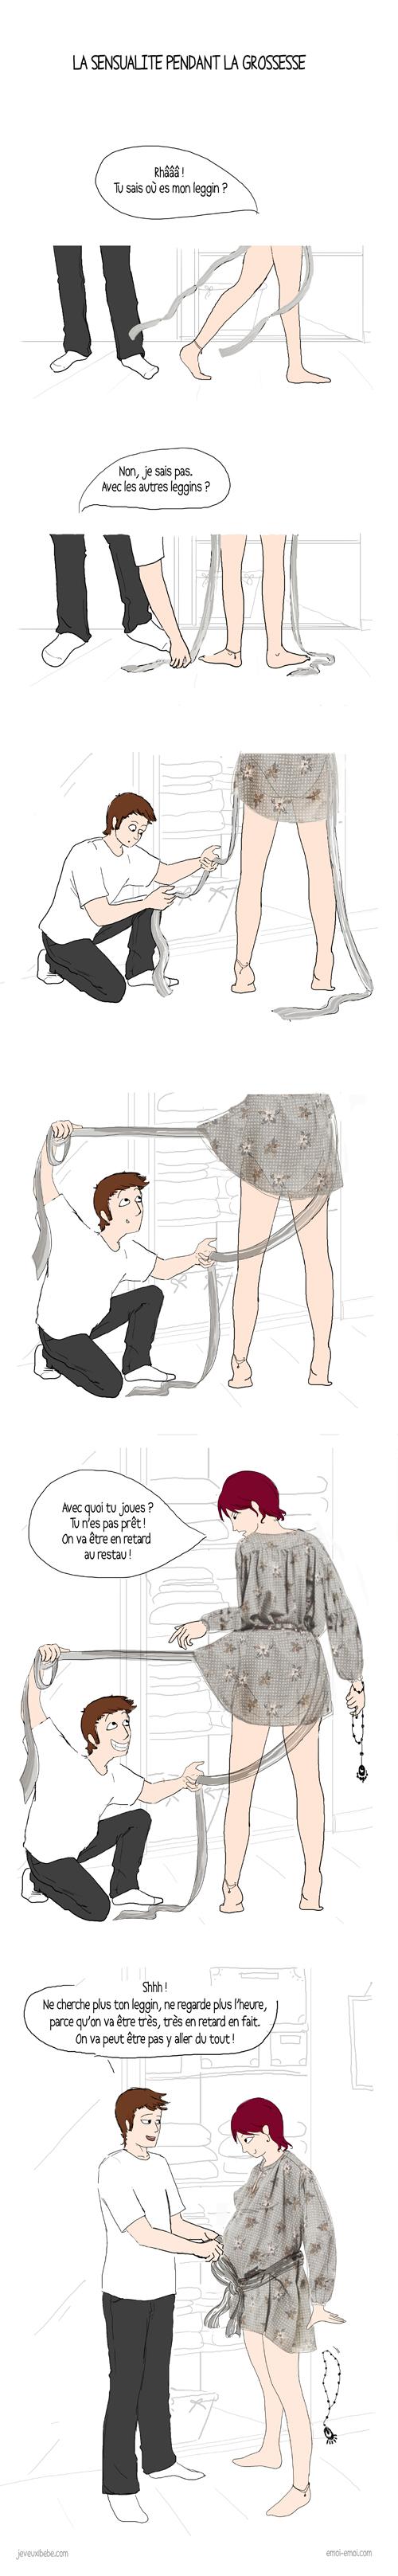 sensualité-grossesse-vêtement